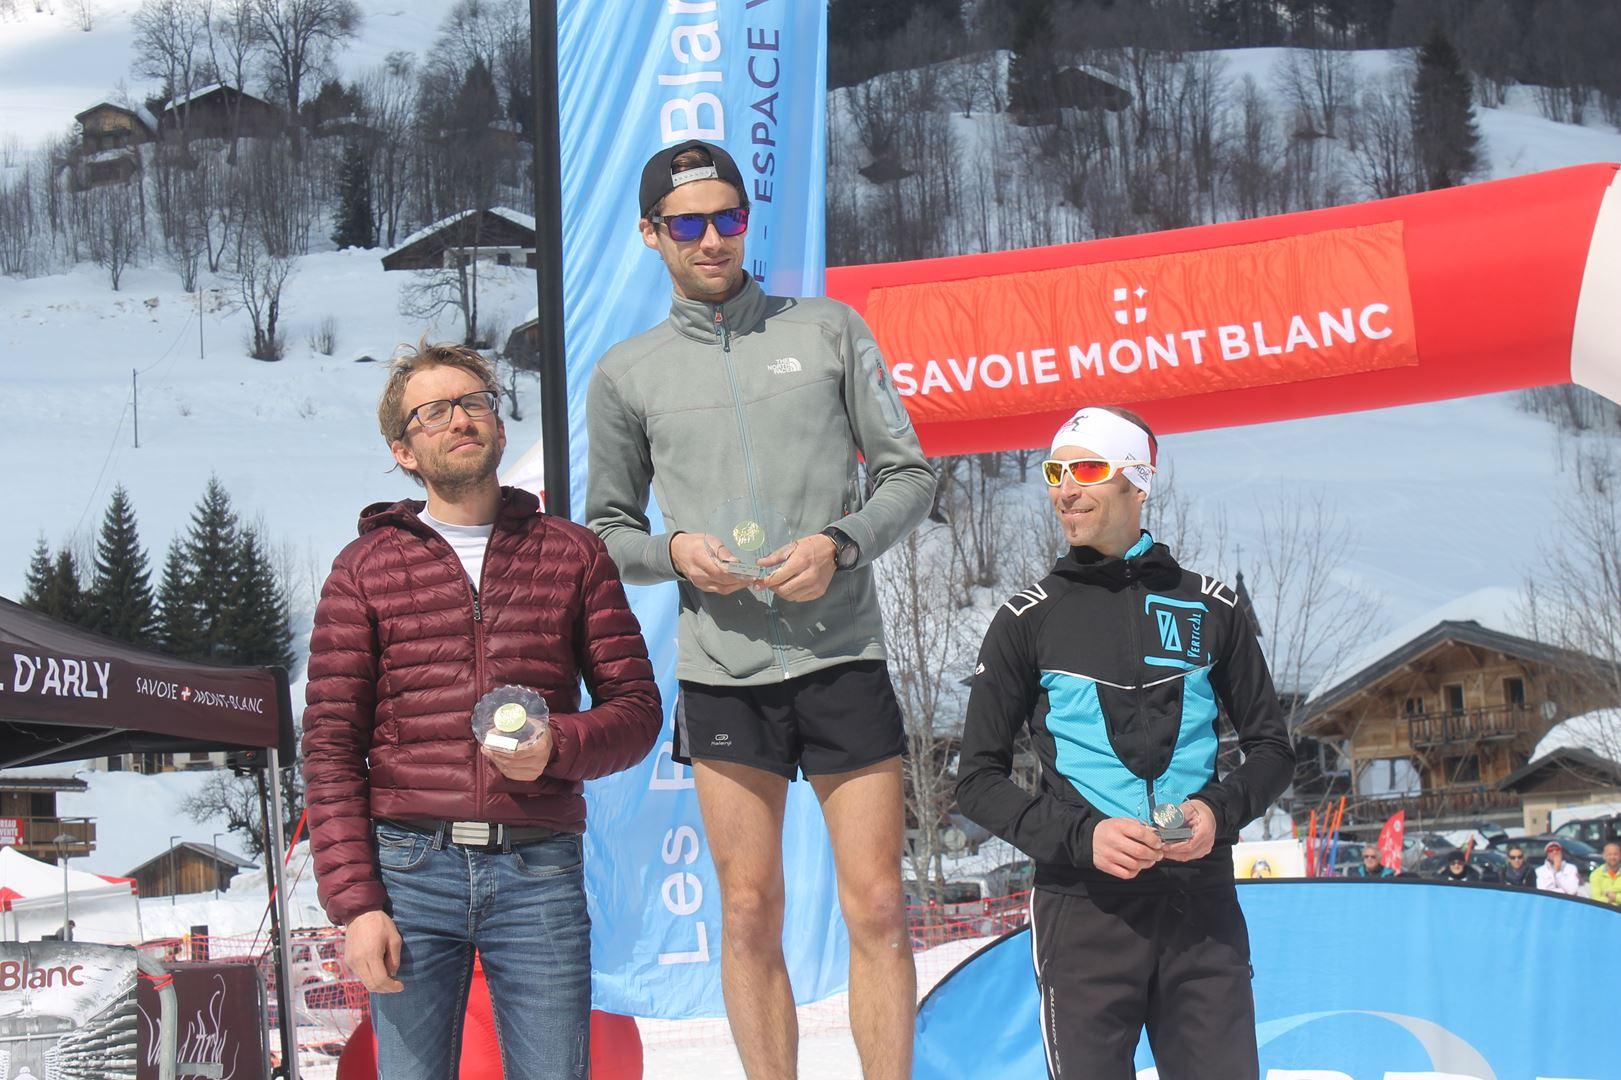 podium hommes du 12km 1 - RESULTATS PHOTOS ET COMPTE RENDU DU 9EME ARAVIS SNOW TRAIL (La Giettaz73) 25-03-2018